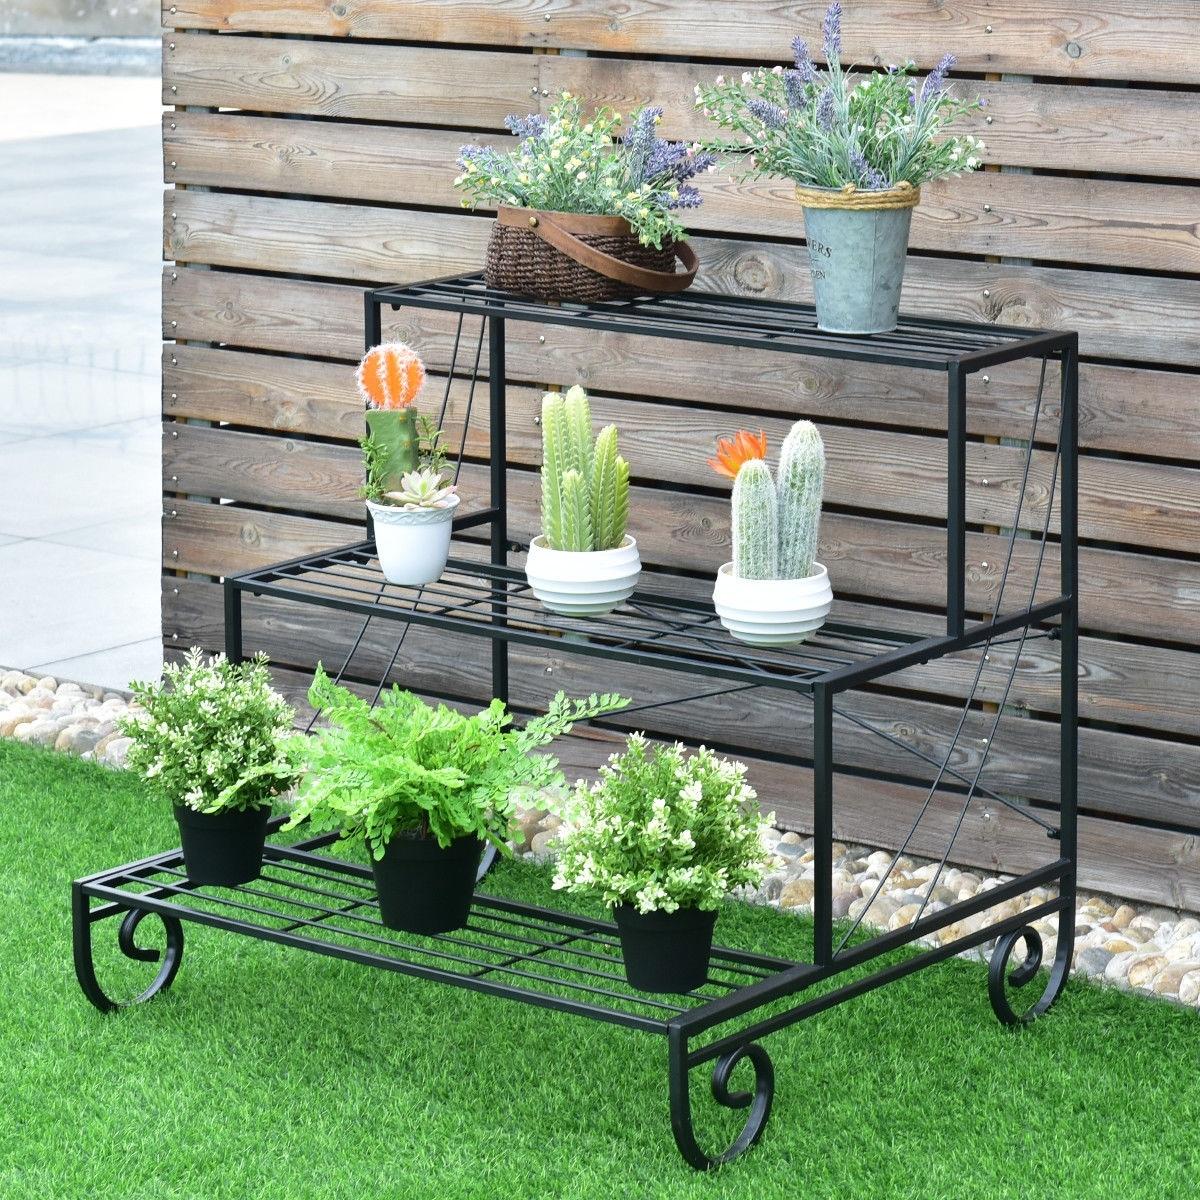 Costway 3 Tier Outdoor Metal Plant Stand Flower Planter Garden Display Overstock 18730563